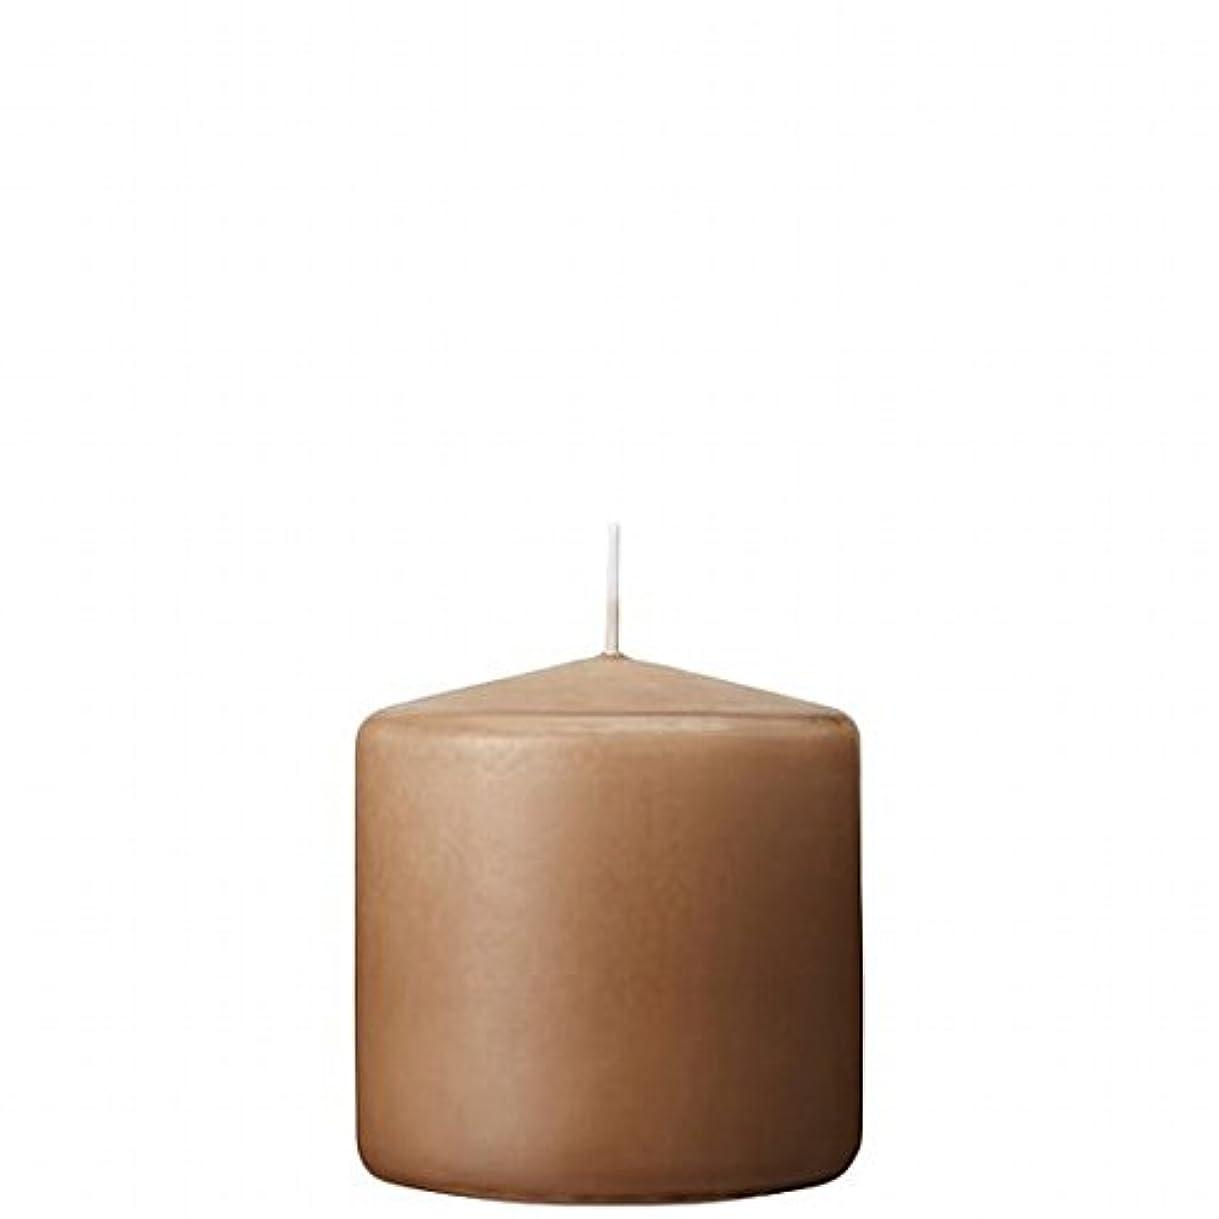 ペット継続中容器カメヤマキャンドル( kameyama candle ) 3×3ベルトップピラーキャンドル 「 モカ 」